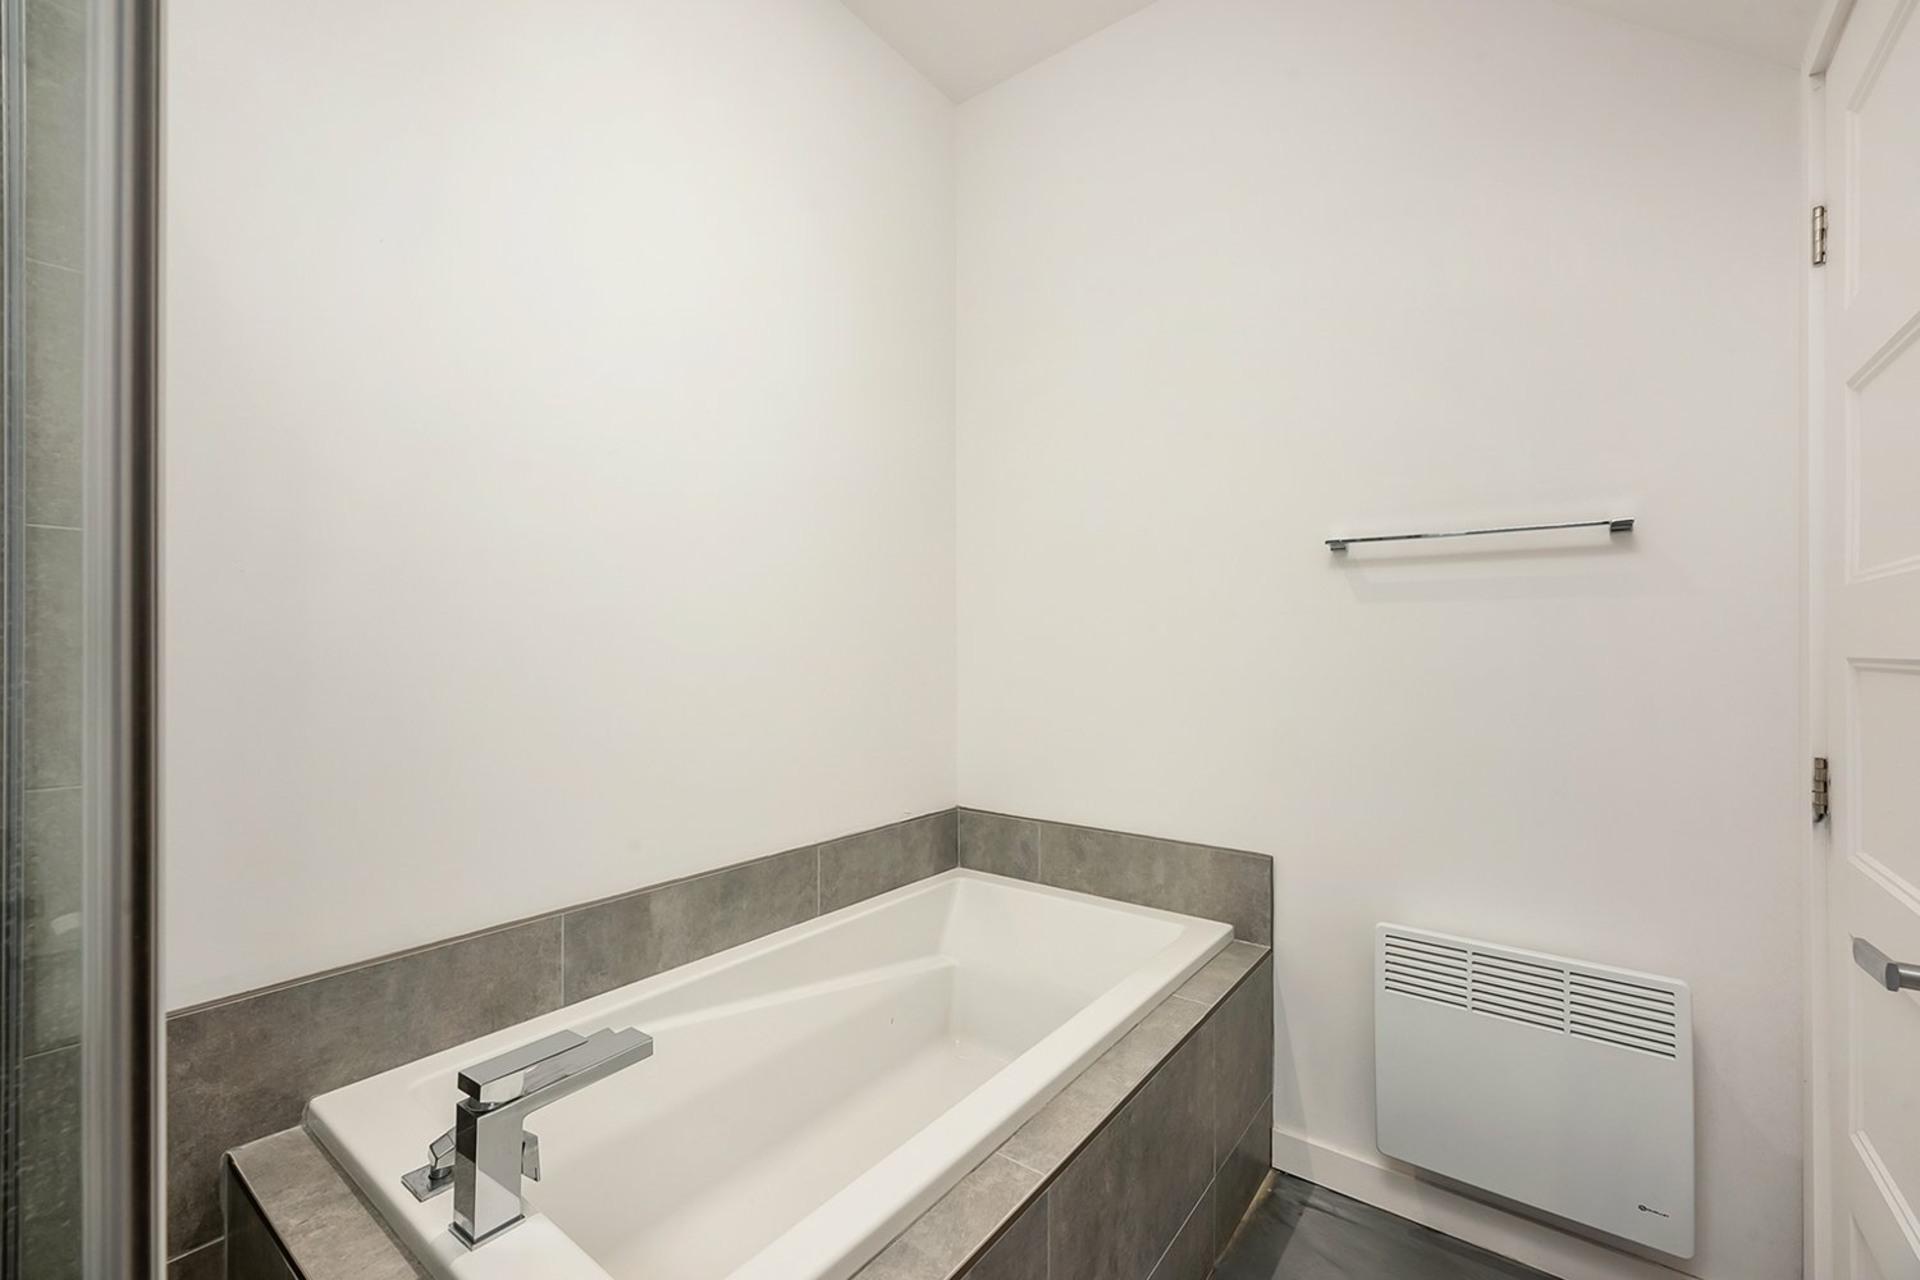 image 13 - Triplex For sale Mercier/Hochelaga-Maisonneuve Montréal  - 4 rooms